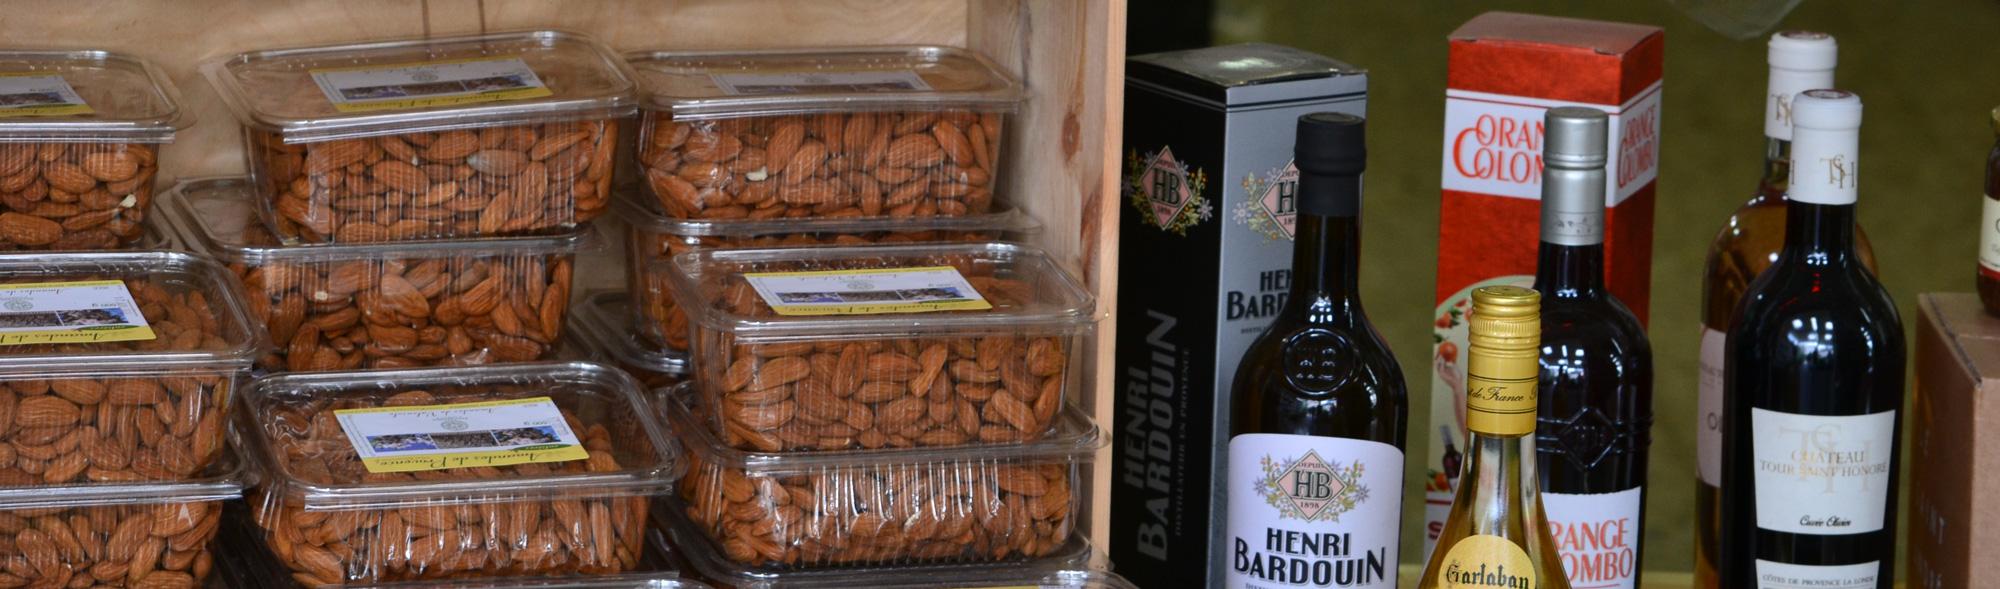 spécialités gastronomiques du Var